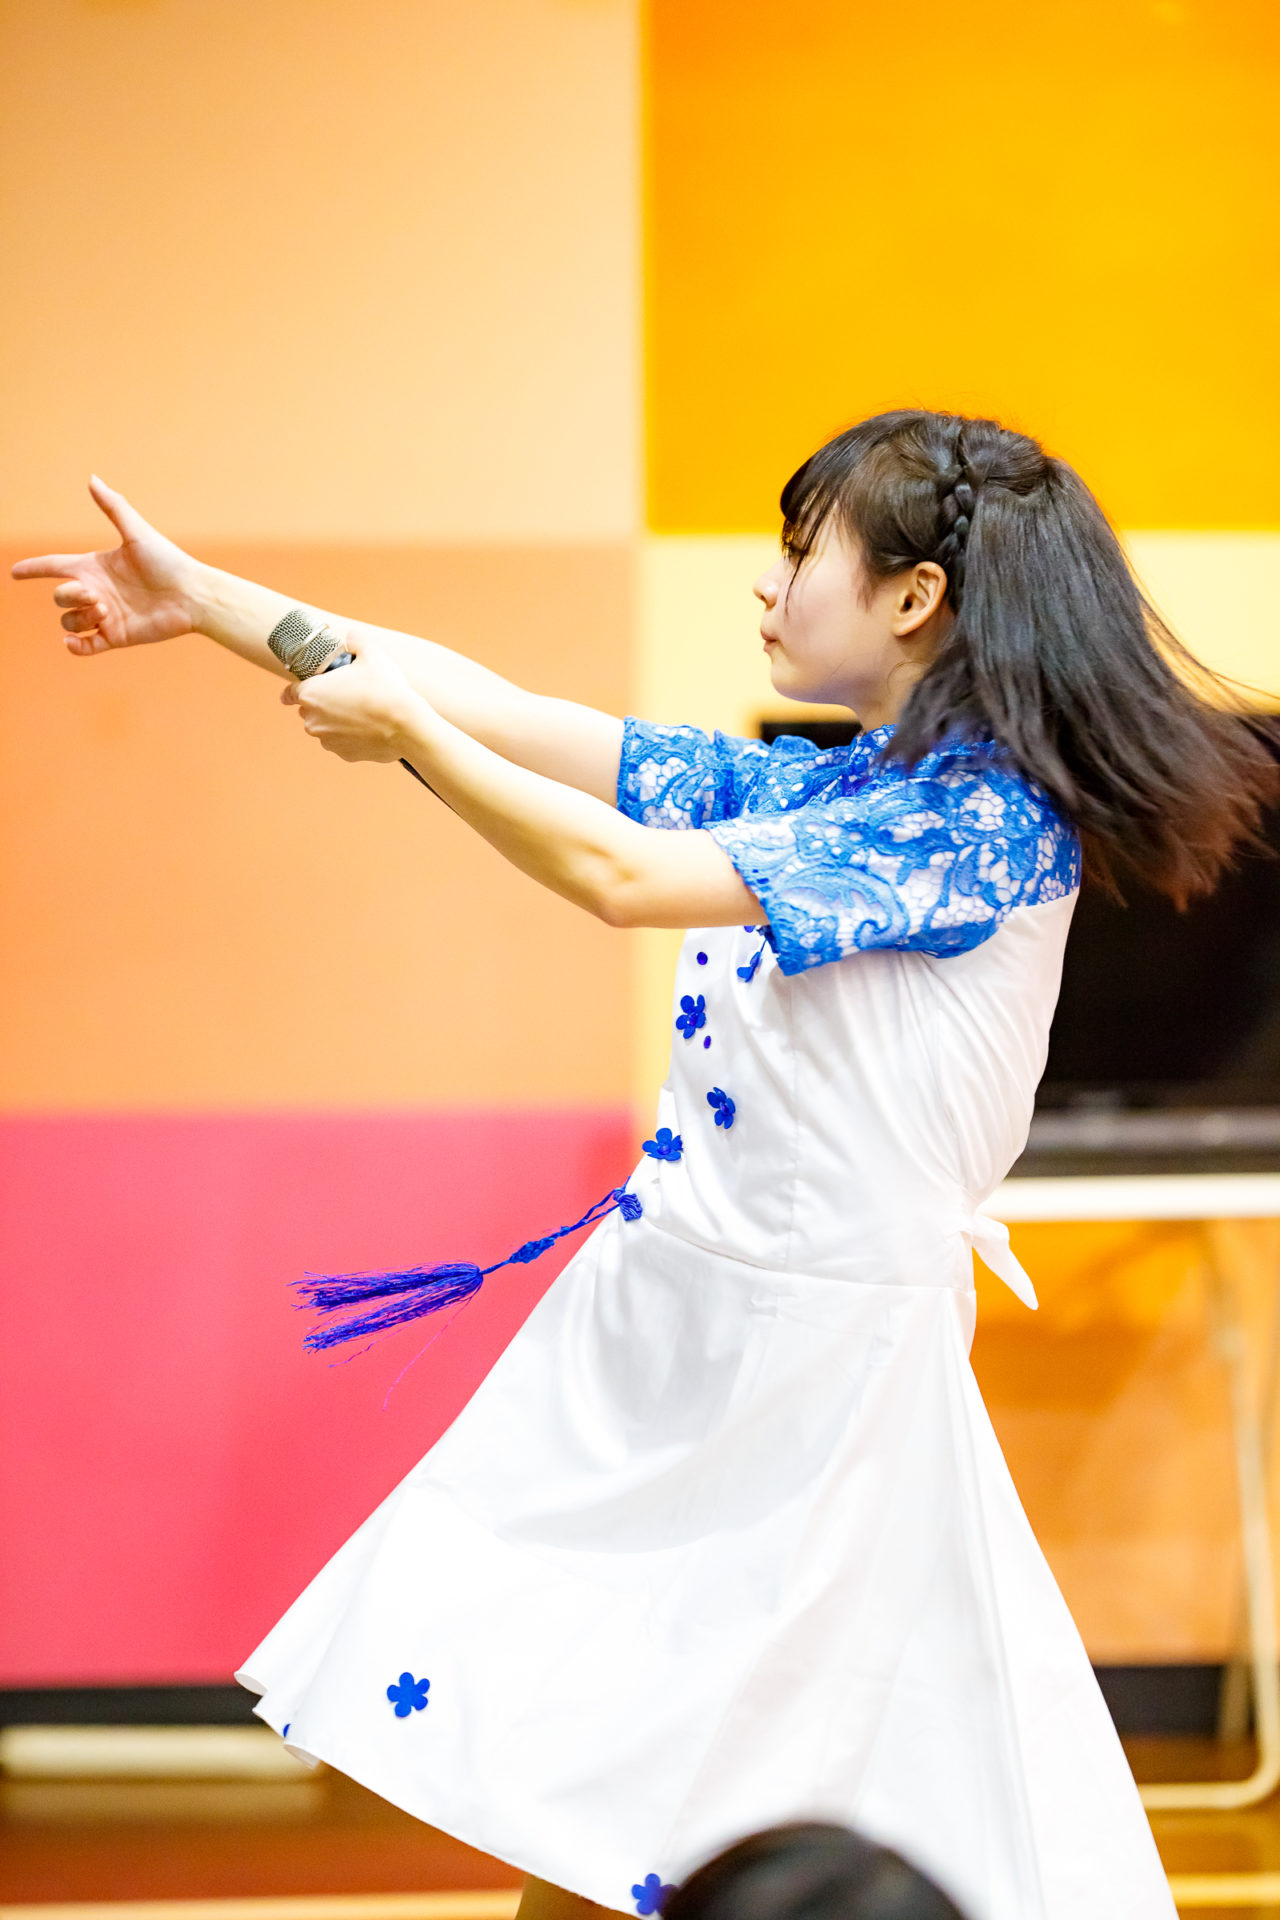 2代目HAPPY少女♪ ゆいな ( 宮崎ゆいな )   ディノスパーク×ライブプロマンスリーLIVE vol.1